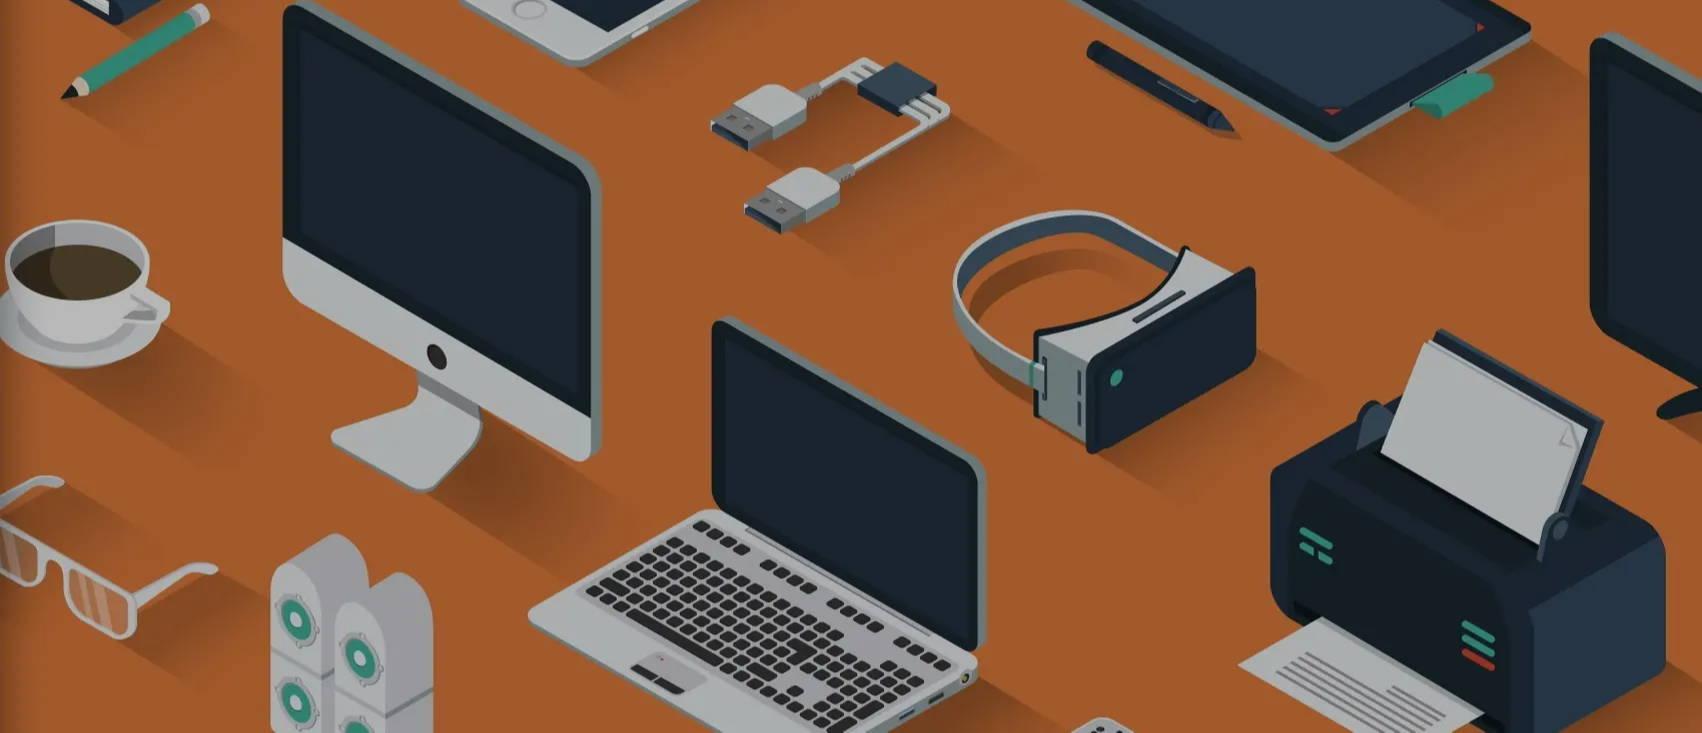 Gear Geek Technology